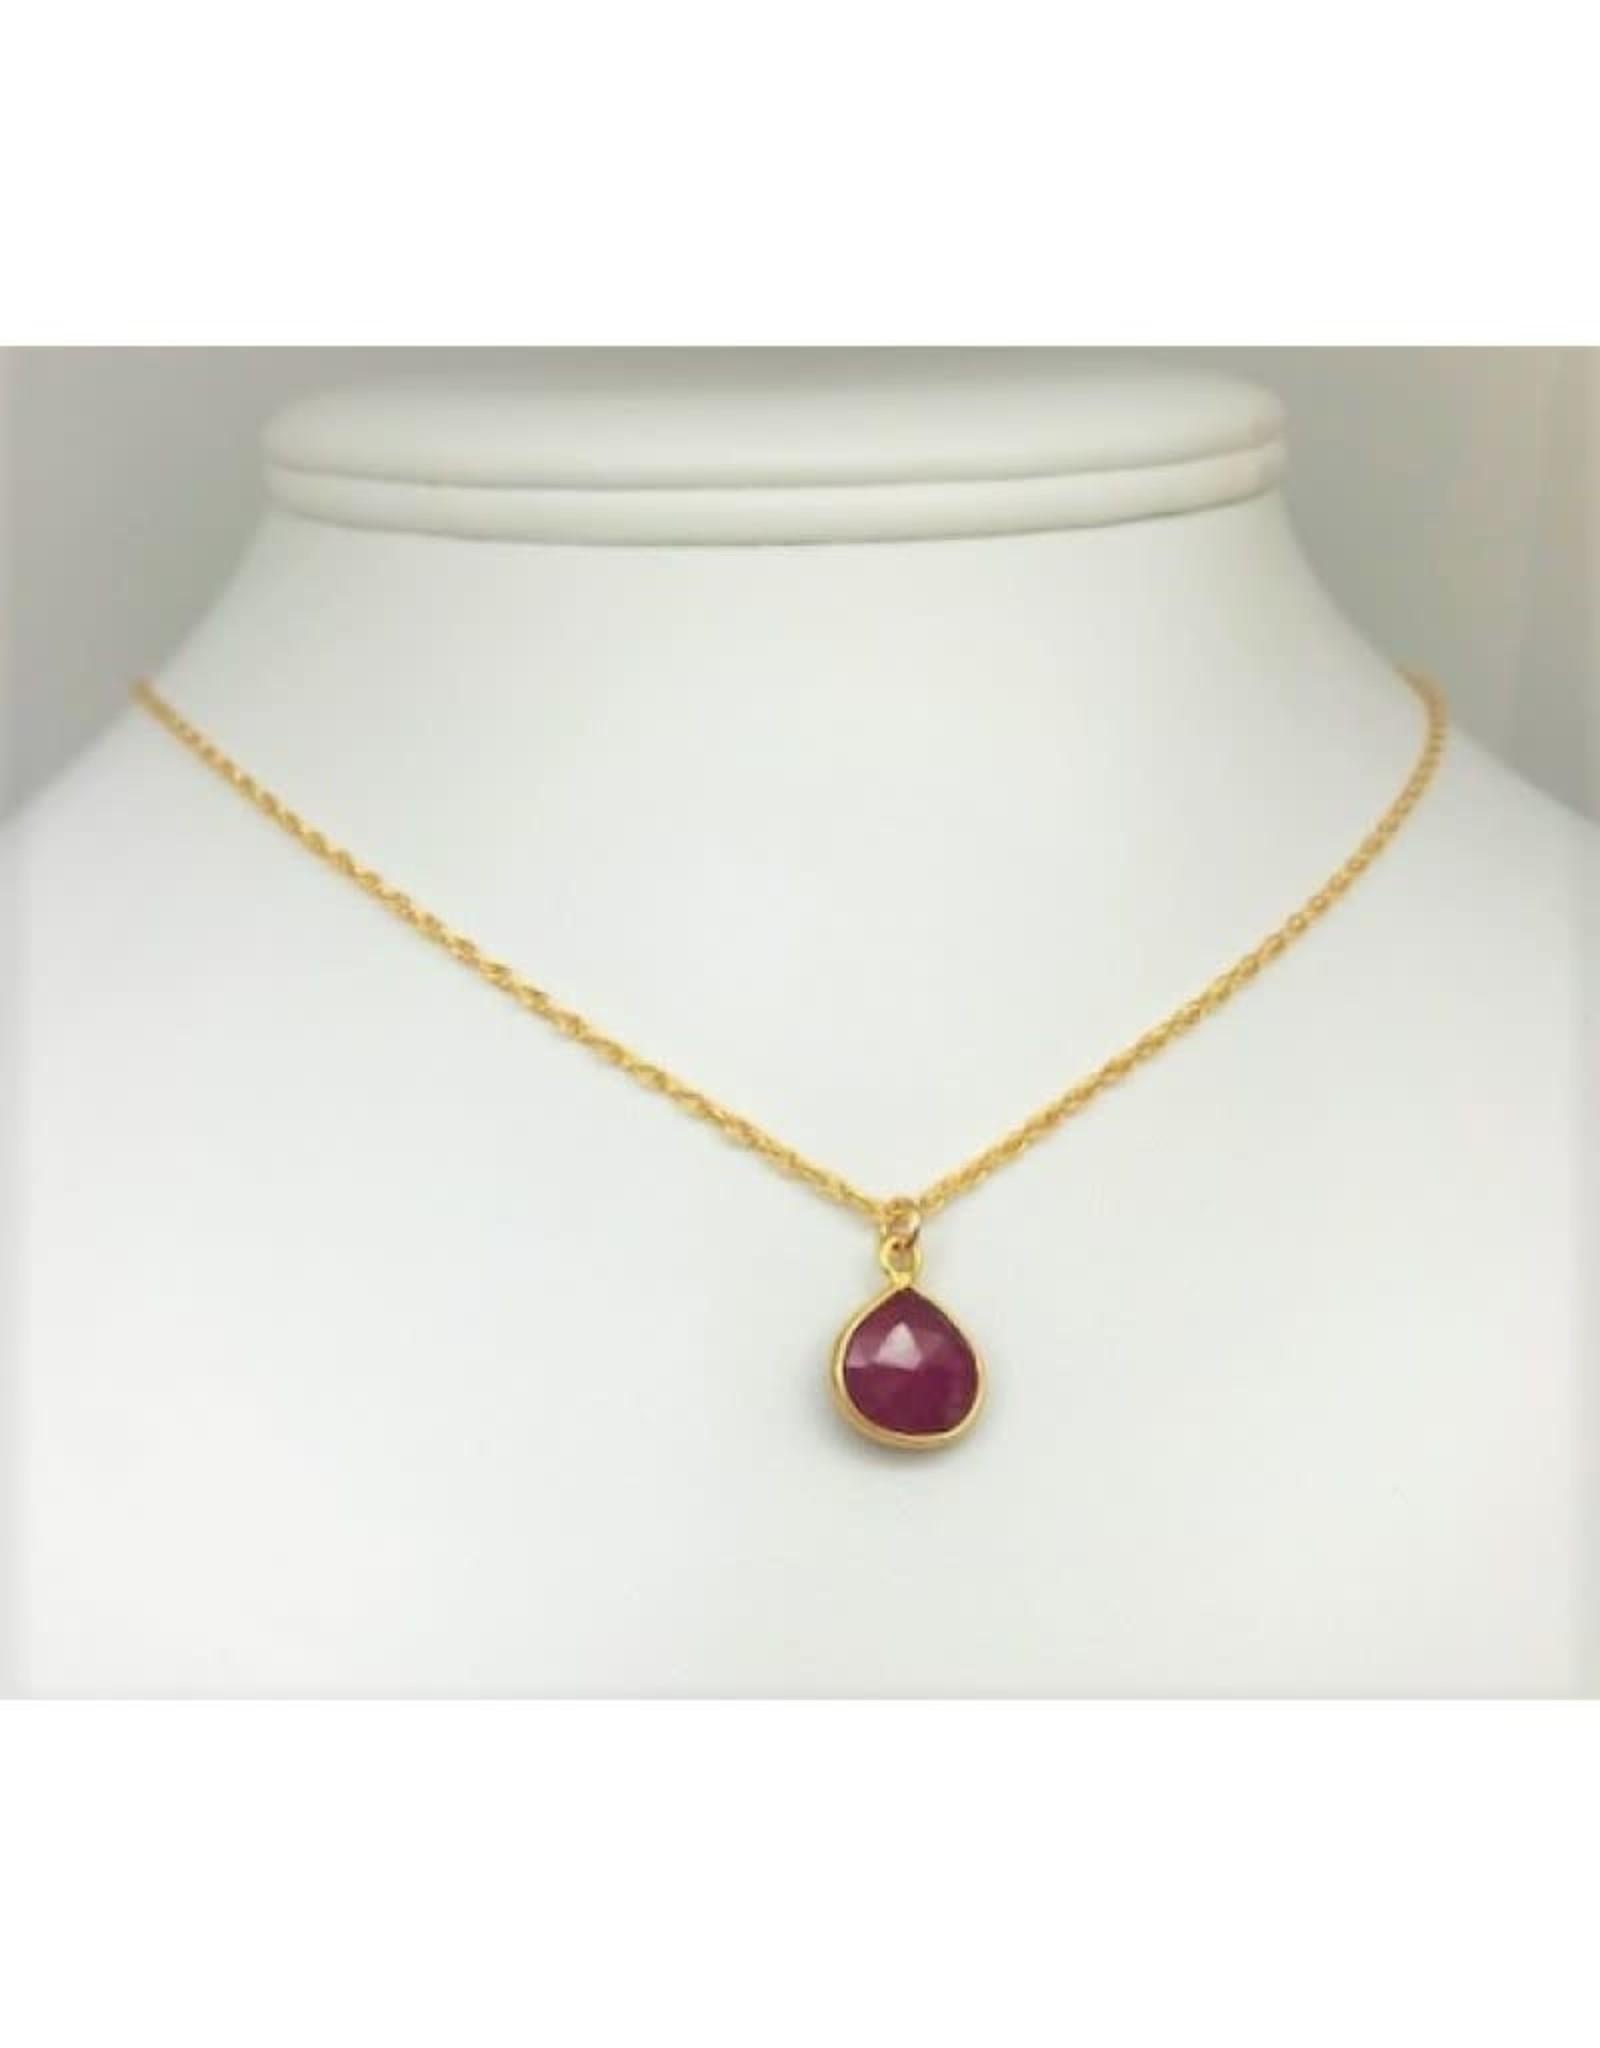 Bezel Set Necklace - Ruby